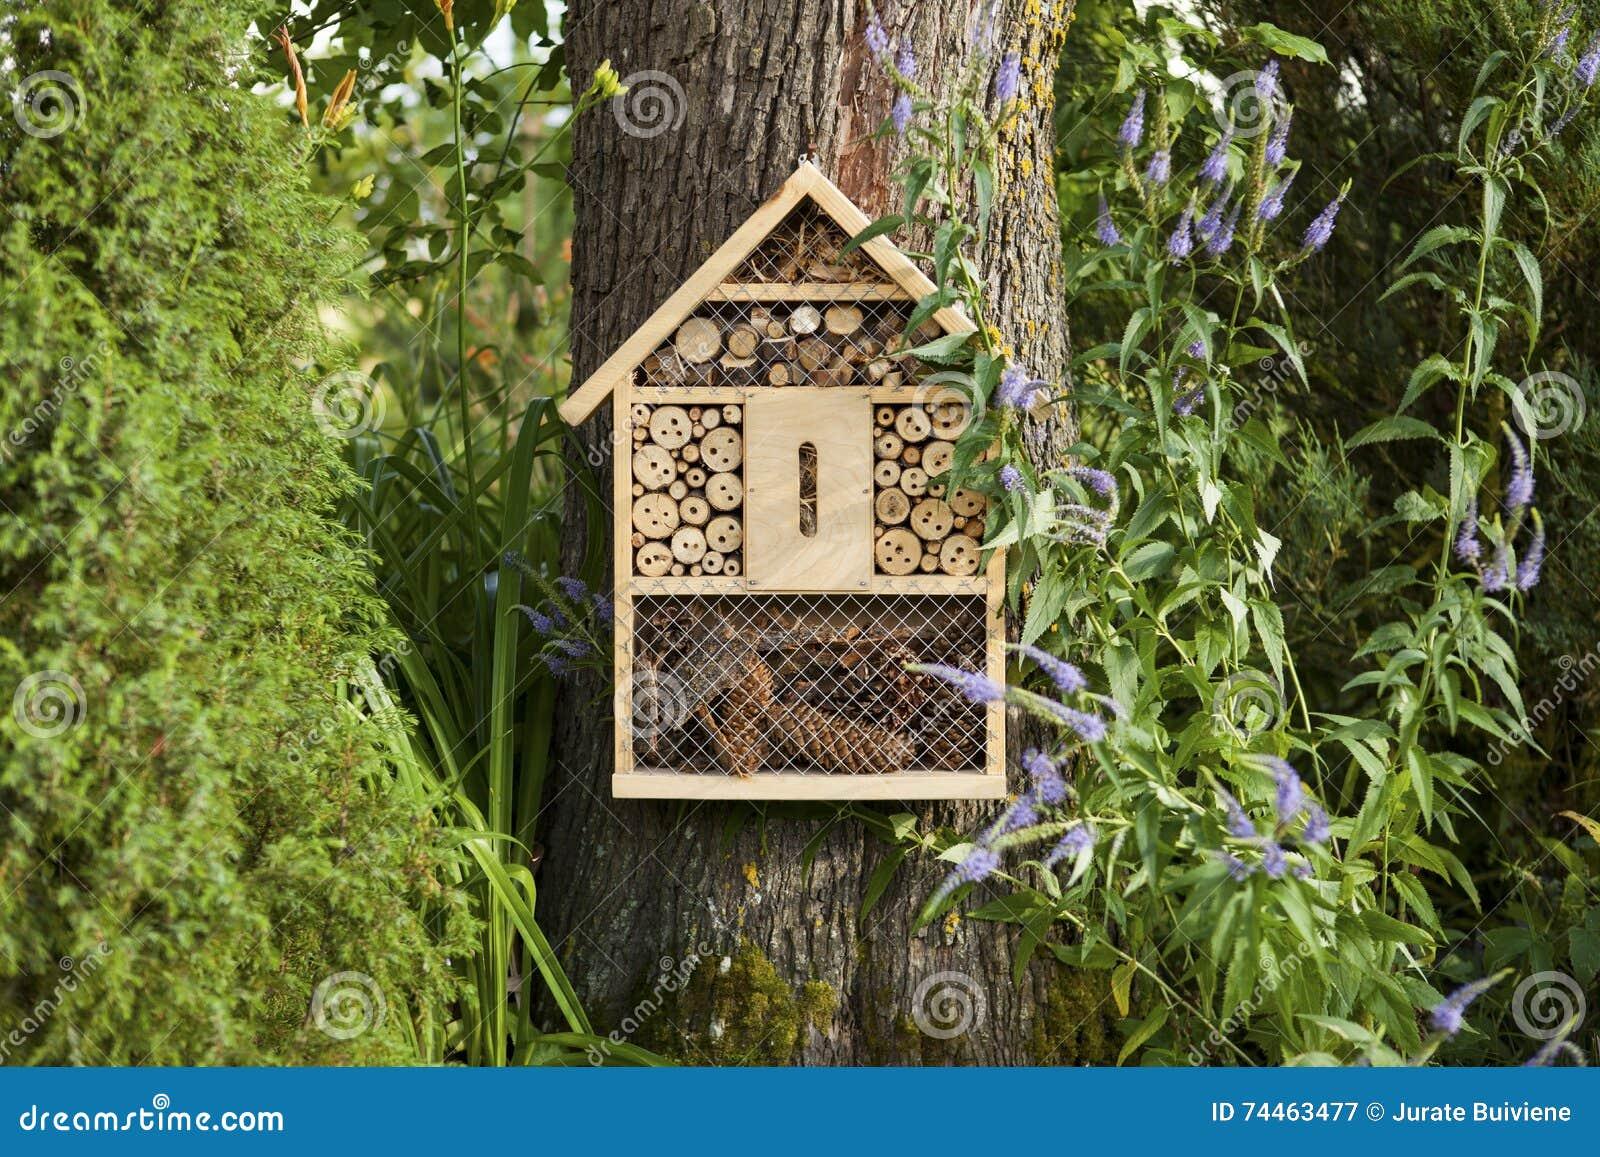 insekten haus stockbild bild von flaschen barke bienen. Black Bedroom Furniture Sets. Home Design Ideas